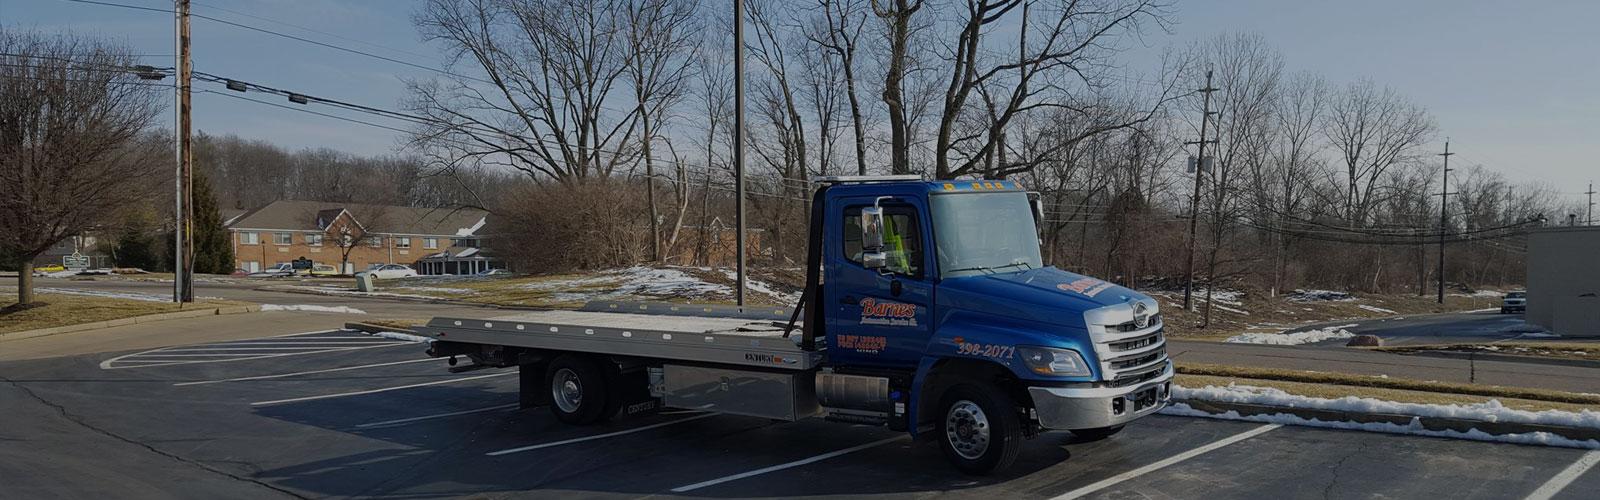 Auto Repair, Mason OH | Barnes Auto Service